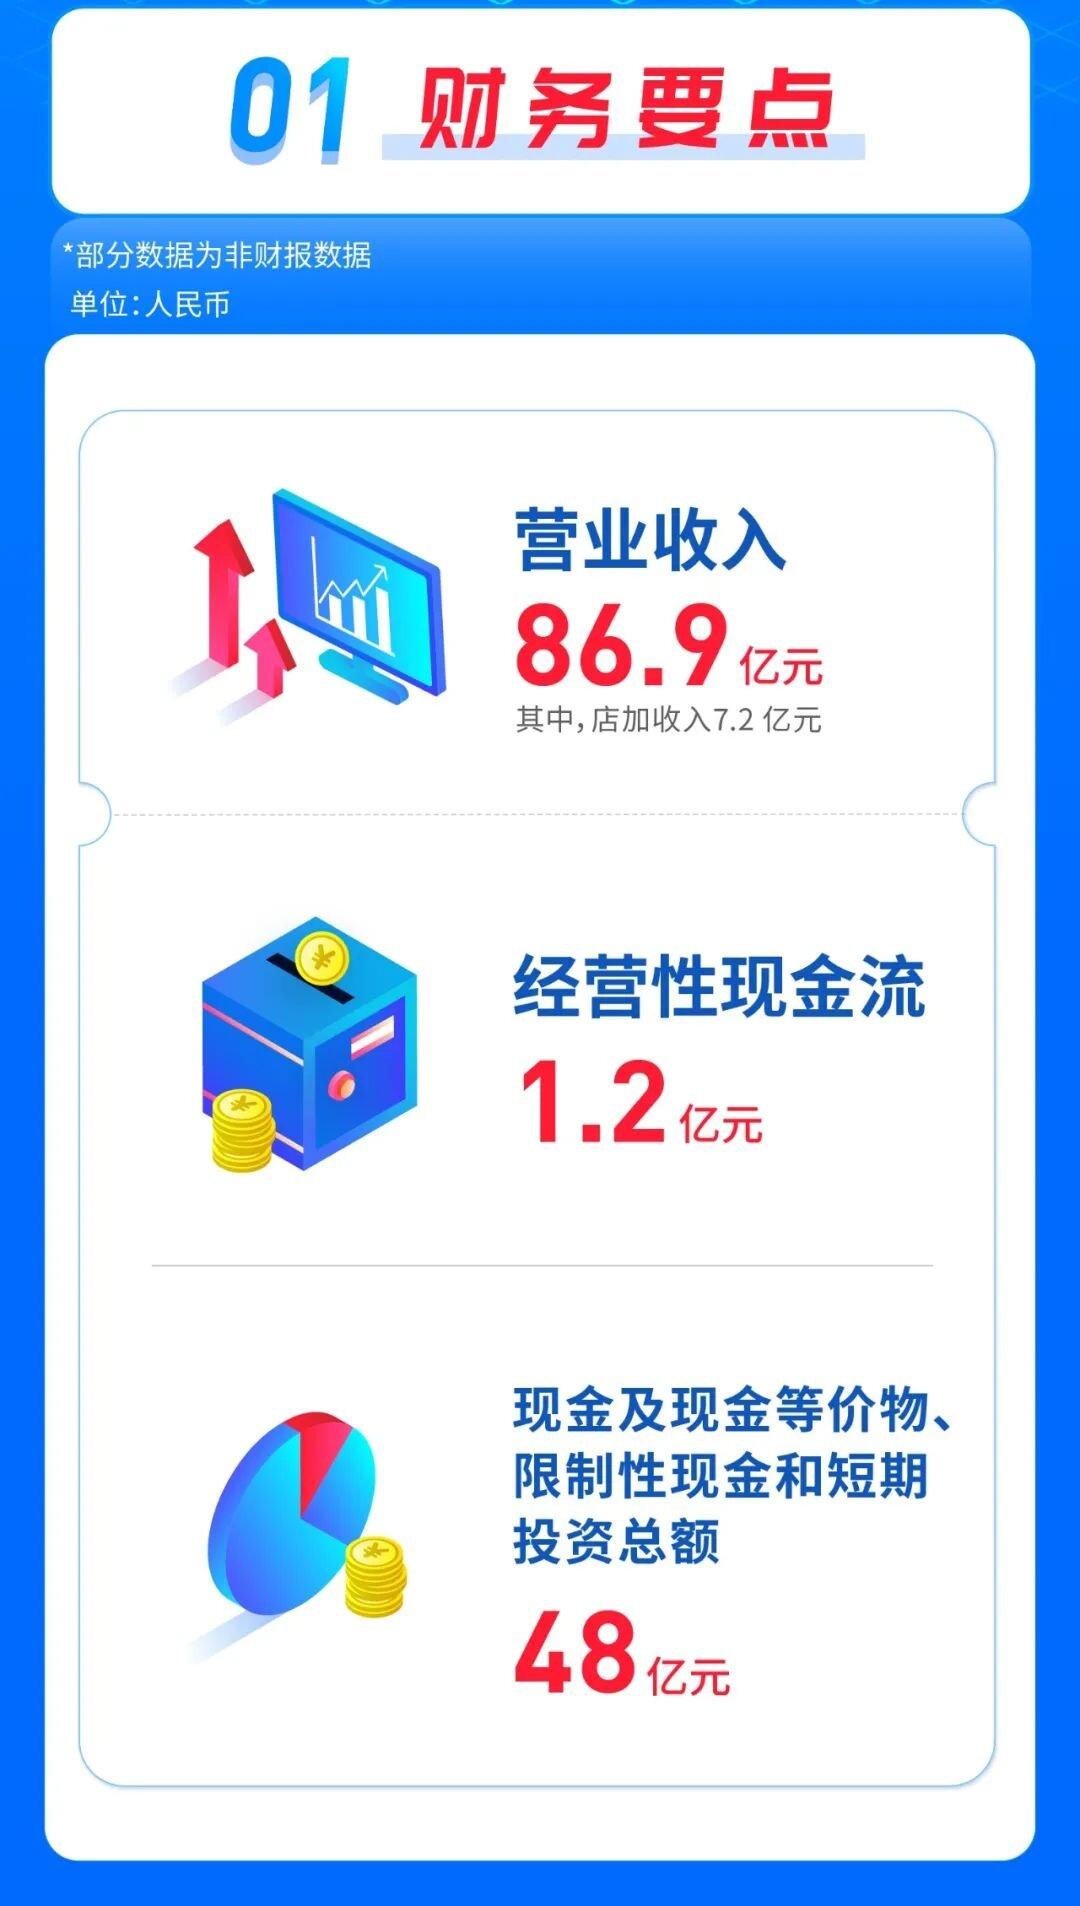 百世集團Q3營收86.933億元 發布戰略調整計劃_物流_電商報